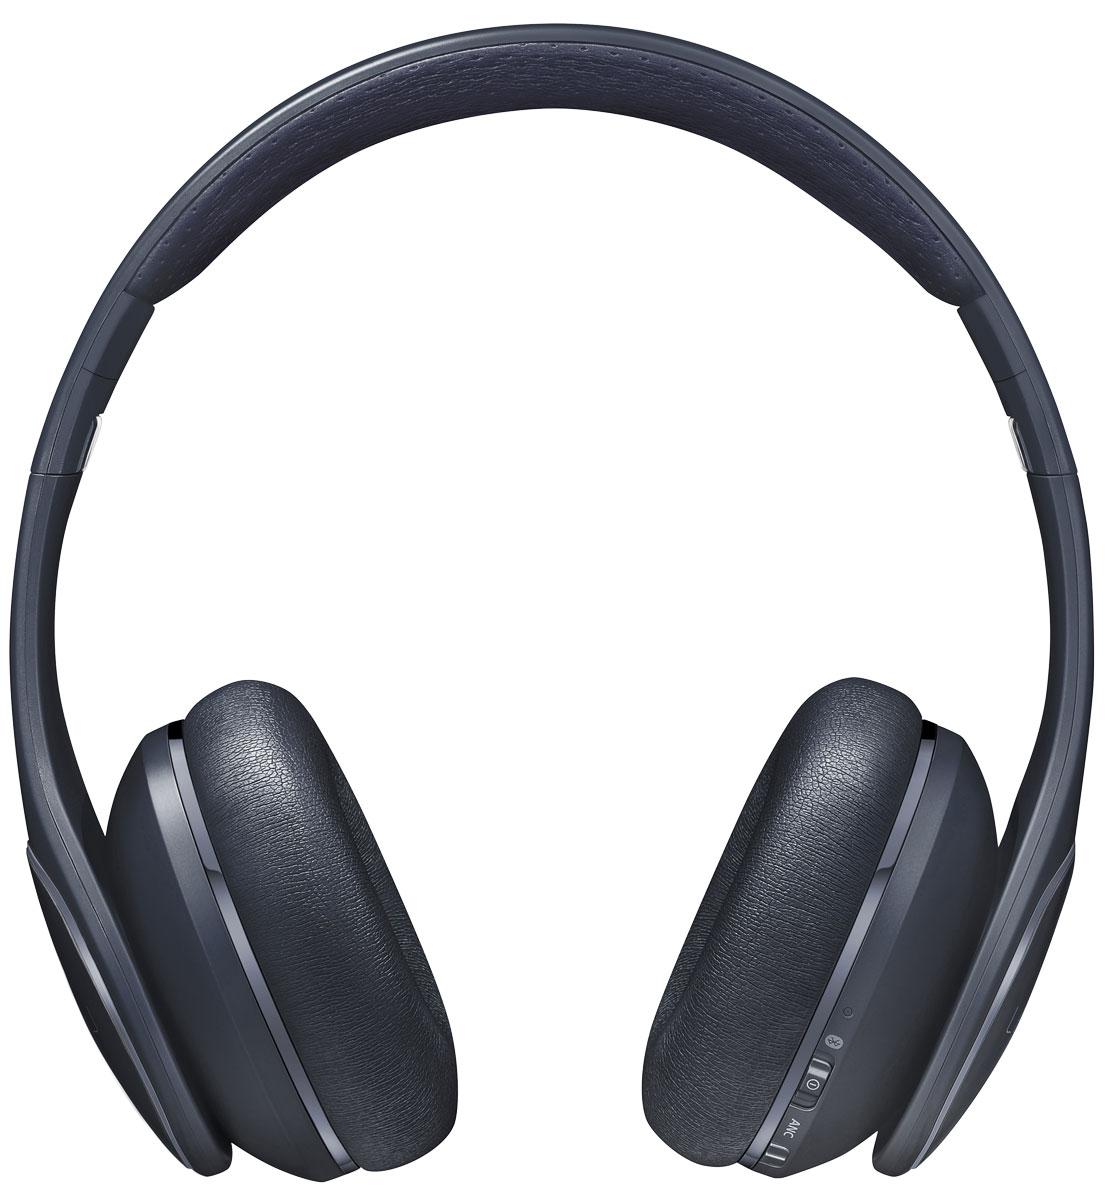 Samsung EO-PN900B Level On, Black Blue беспроводные наушникиEO-PN900BBEGRUЖизнь в современном мегаполисе течет быстро и не дает времени остановиться и отдохнуть. Поэтому, всегда приятно насладиться в дороге любимой музыкой в хорошем качестве или новинками мира кино. Именно в этом Вам поможет беспроводная Bluetooth-гарнитура Samsung EO-PN900Гарнитура снабжена высококачественными 40 мм динамиками, которые прекрасно справляются с воспроизведением музыки даже в самом высоком качестве, а встроенные кнопки управления и микрофон позволят Вам даже не вынимать телефон из сумки или кармана для переключения песен, управления громкостью или принятия звонков. Bluetooth версии 3.0 обеспечивает прекрасное качество соединения и скорость передачи данных, что позволяет добиться великолепного качества звукаВеликолепный стильный дизайн Samsung EO-PN900 не только прекрасно выглядит, но и, благодаря использованию самых качественных материалов, очень надежен и прочен. Приятные мягкие амбушюры и оголовье не сильно давят на уши и обеспечивают отличный уровень комфорта